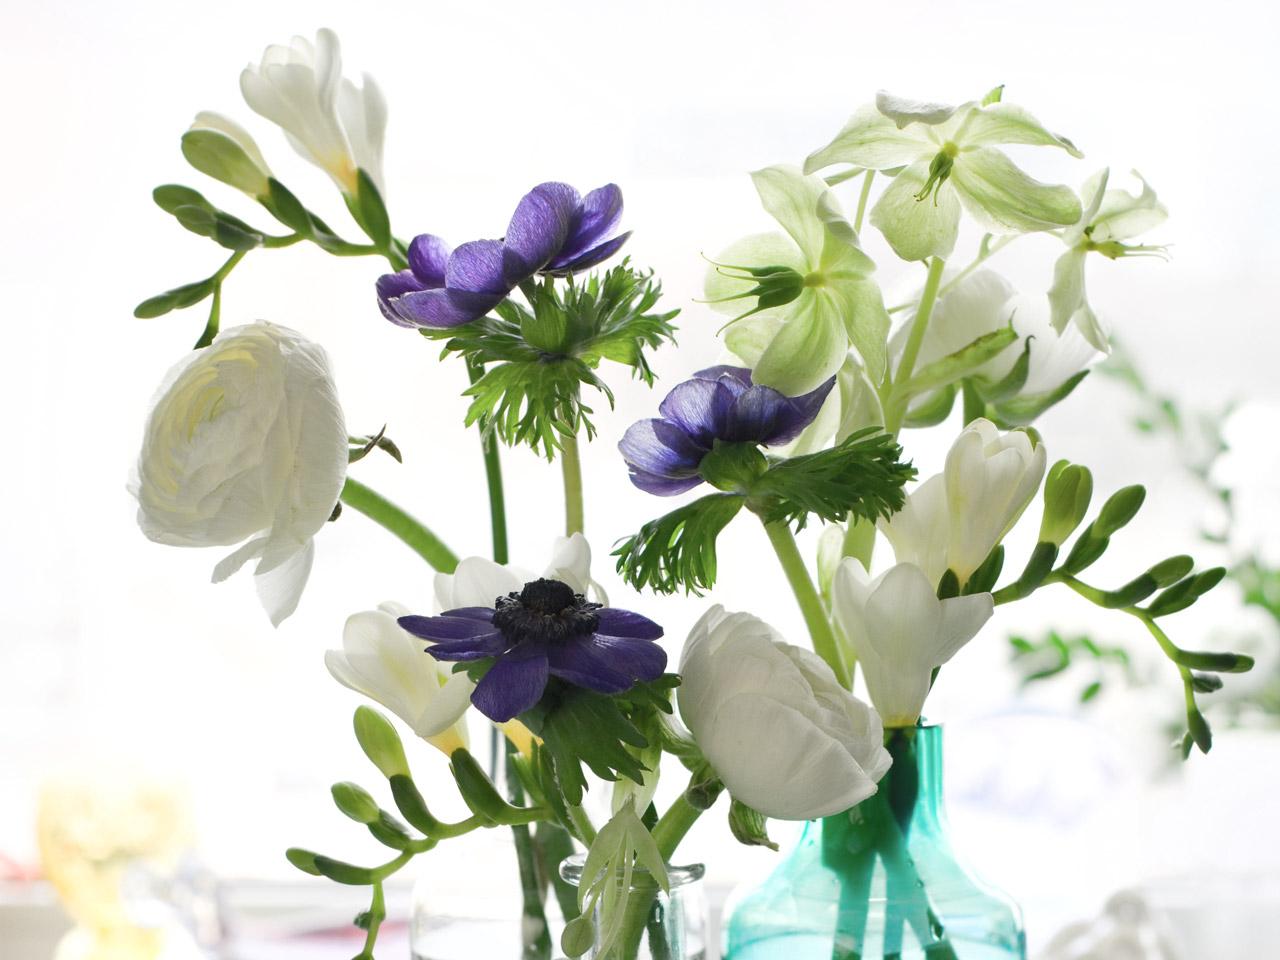 Blumendeko aus weißer Ranunkel, Krokussen und Anemonen